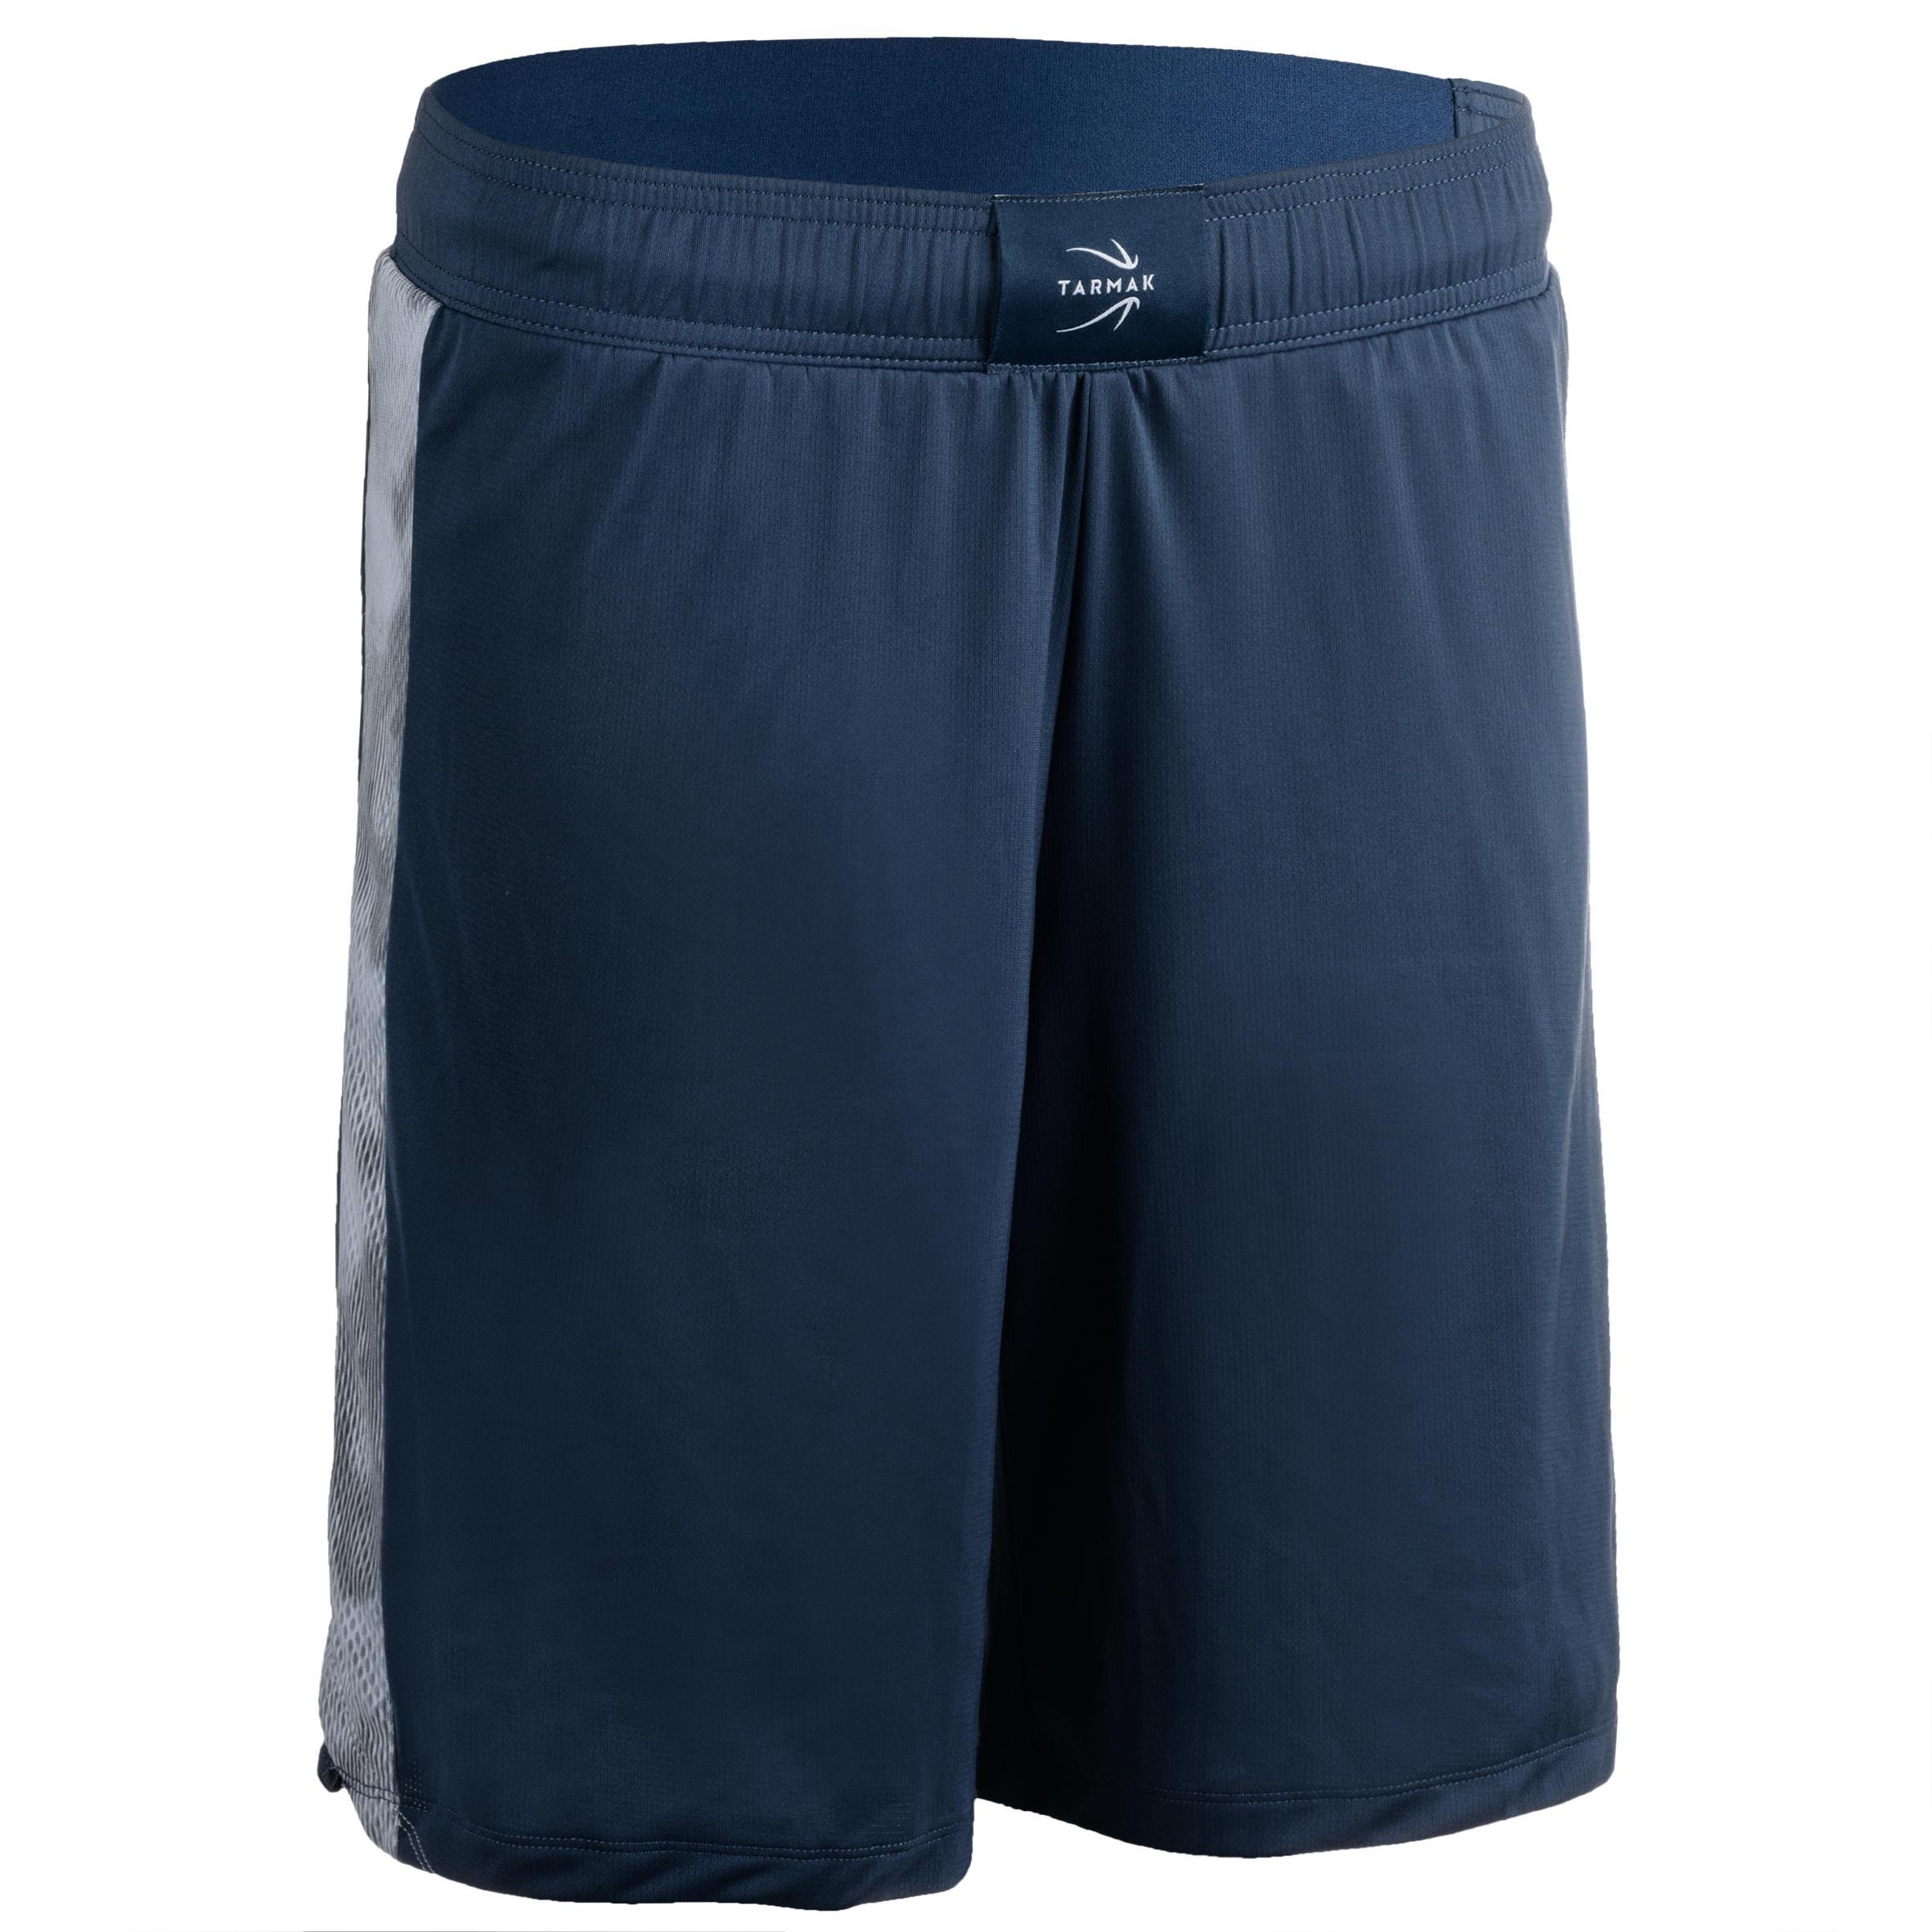 Basketballshorts SH500 Damen blau/grau | Sportbekleidung > Sporthosen > Basketballshorts | Blau - Grau | Tarmak